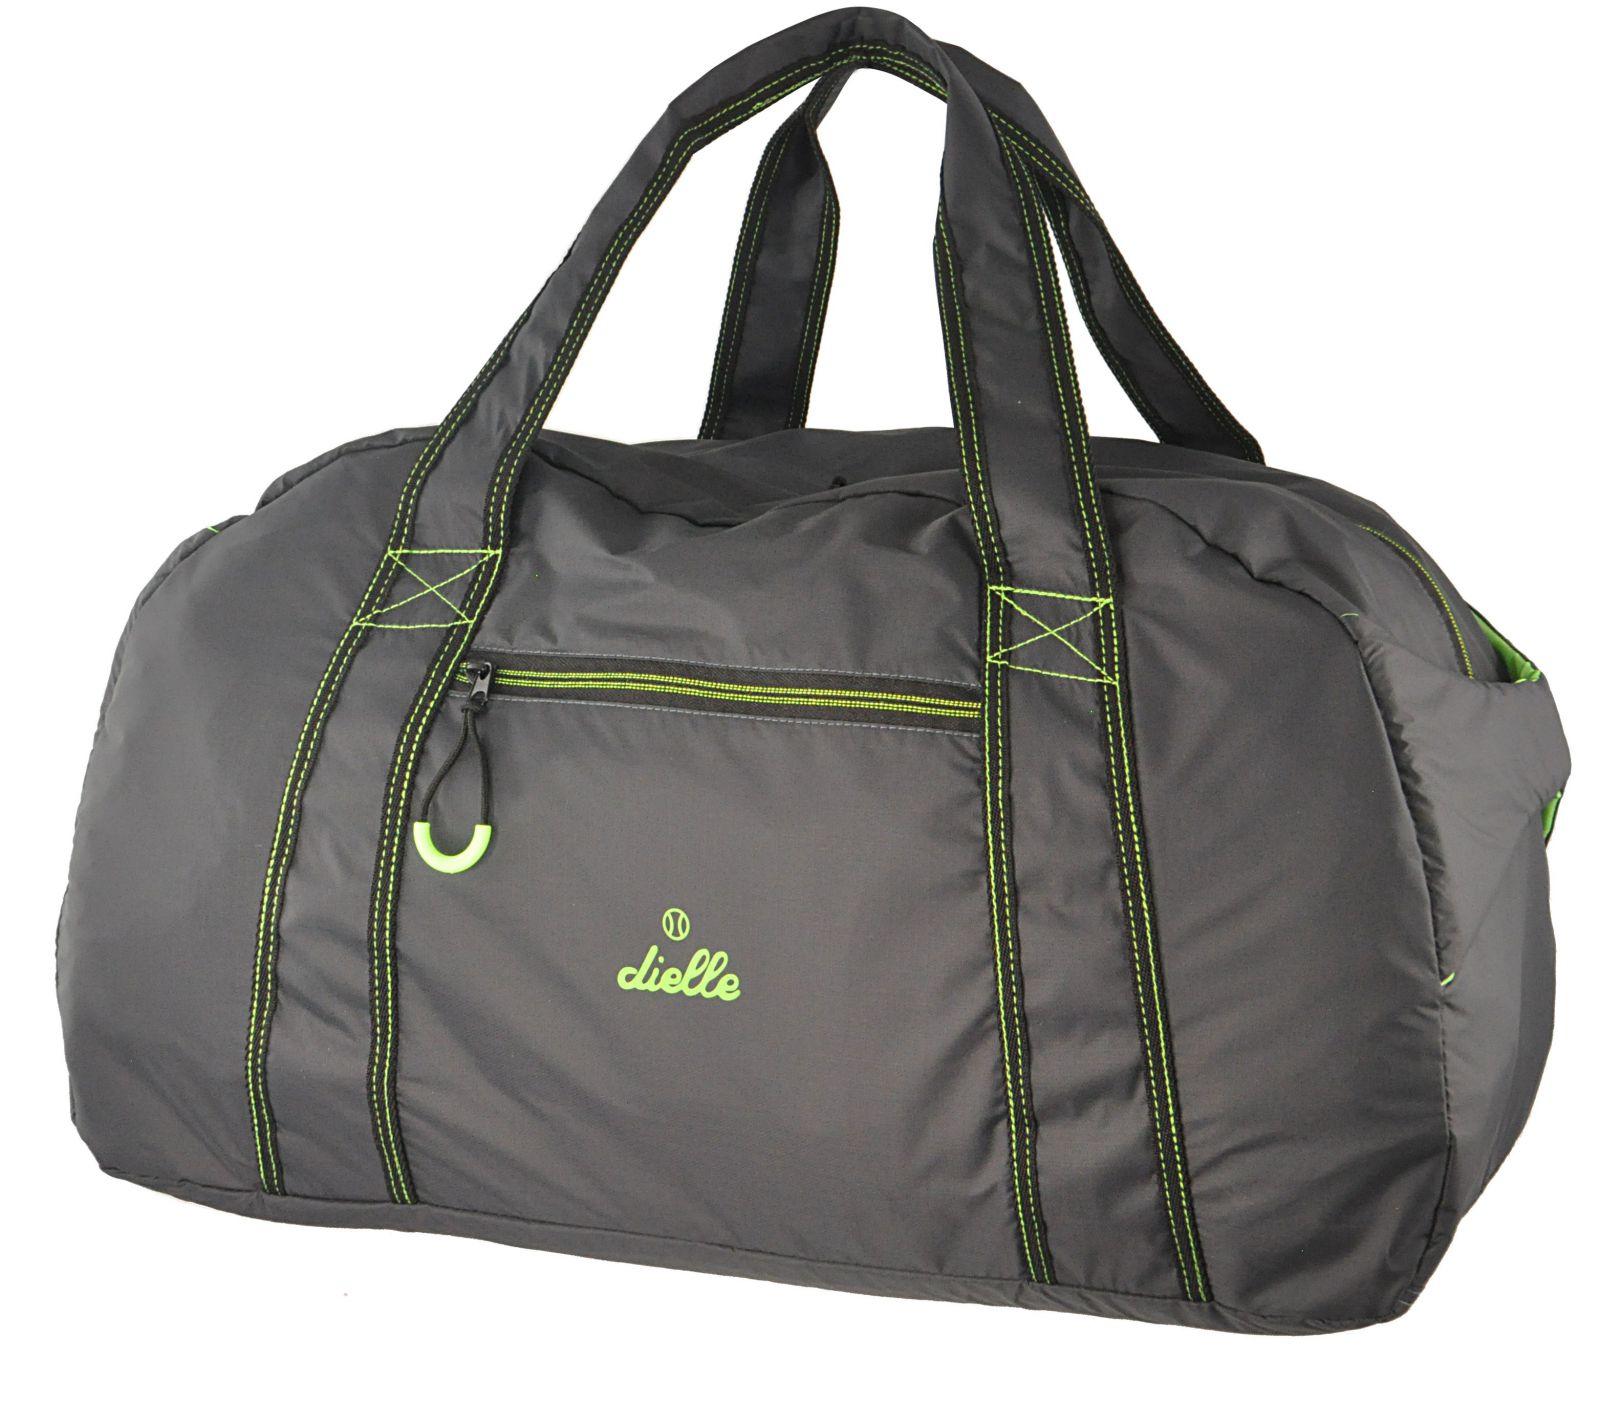 Cestovní taška Dielle Active 396-23 antracitová